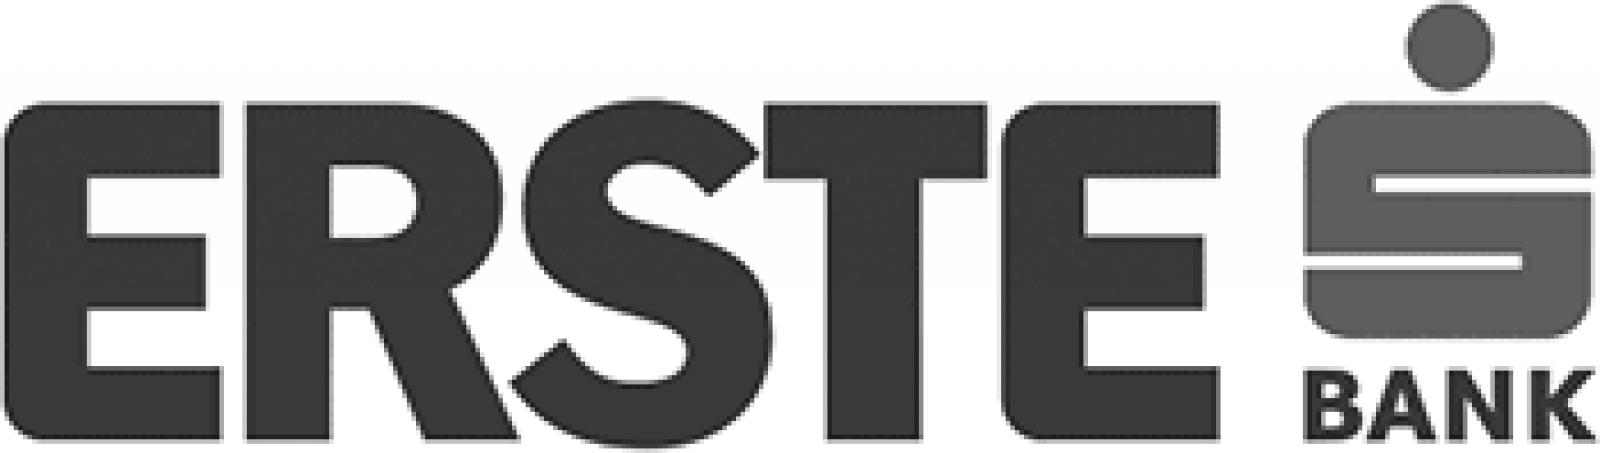 Bilbord za kompaniju Erste bank